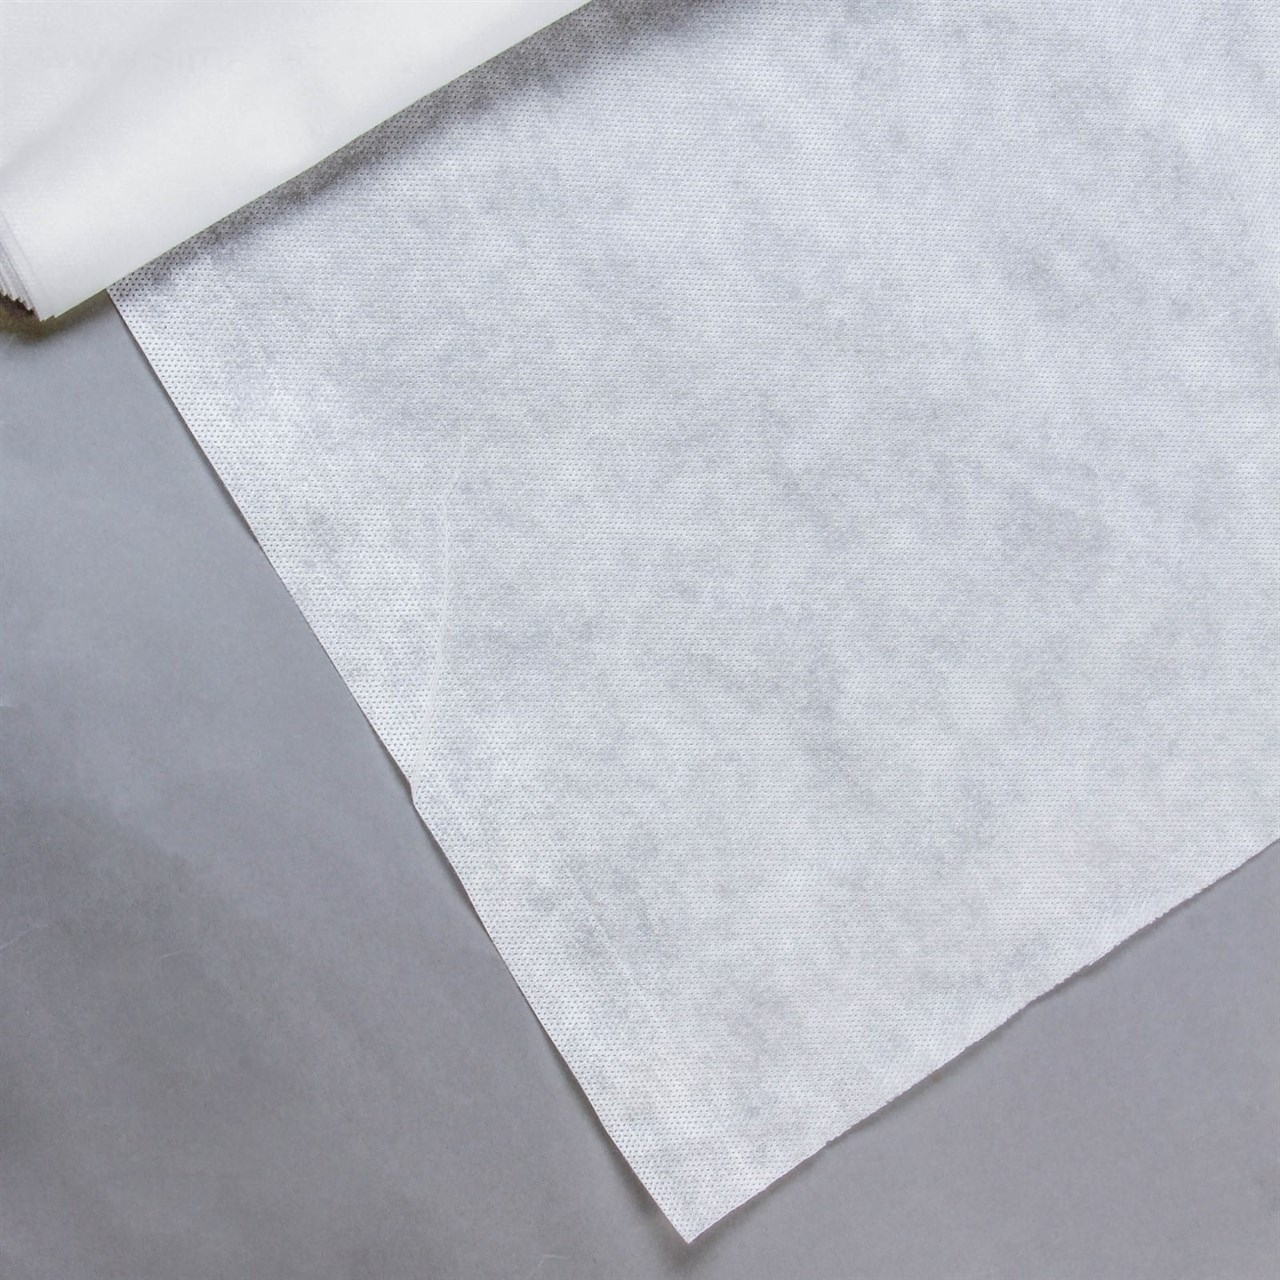 шестисекционный белый парник с укрывным материалом уДачный